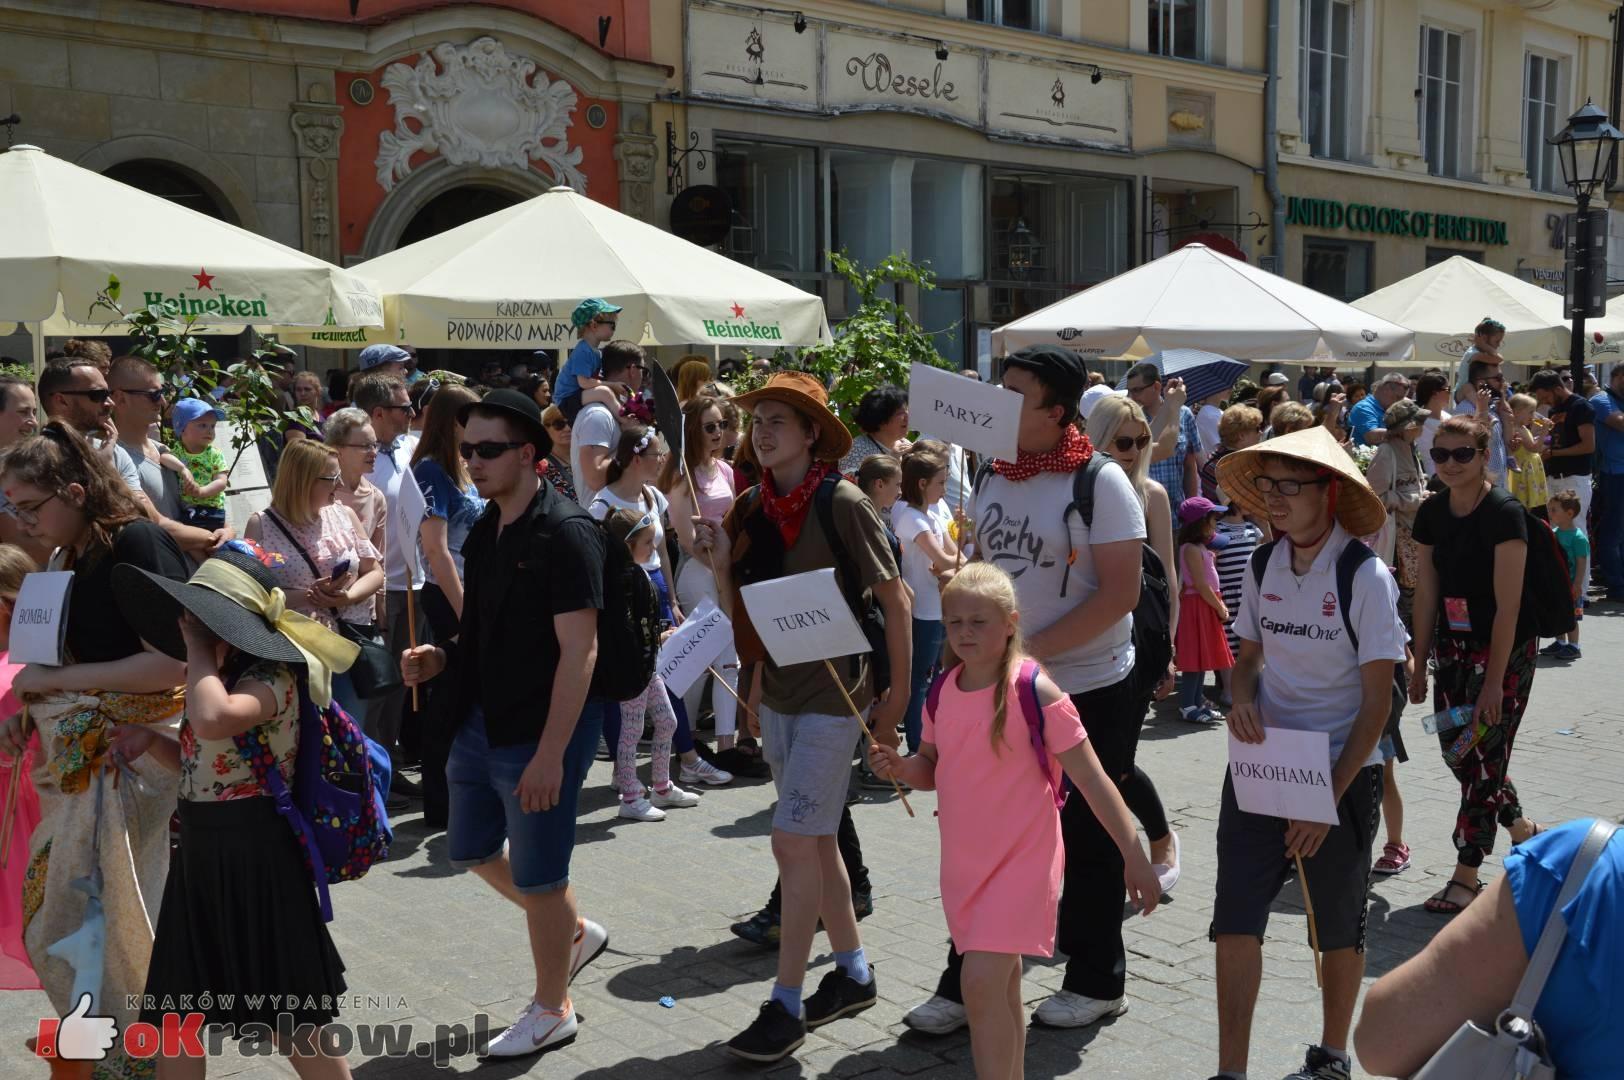 wielka parada smokow przeszla przez krakow w 40 smokow do okola swiata 2019 243 150x150 - Parada Smoków przeszła przez Kraków. Obszerna galeria zdjęć - 2 czerwca 2019 w Krakowie